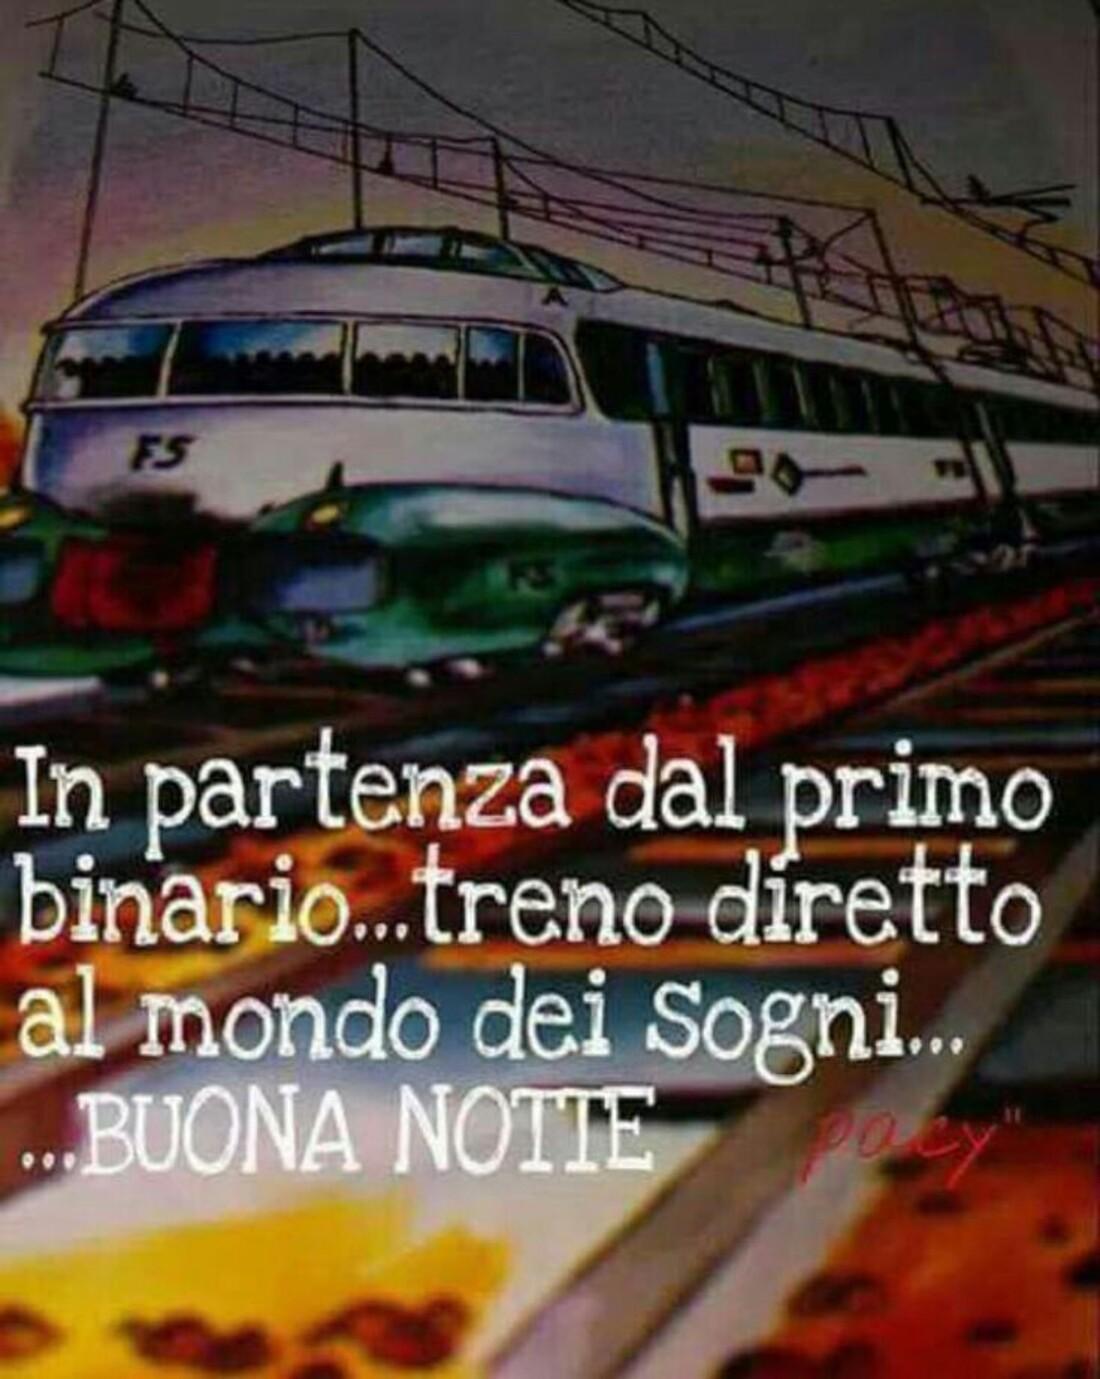 In partenza dal primo binario...treno diretto al mondo dei sogni...Buona Notte